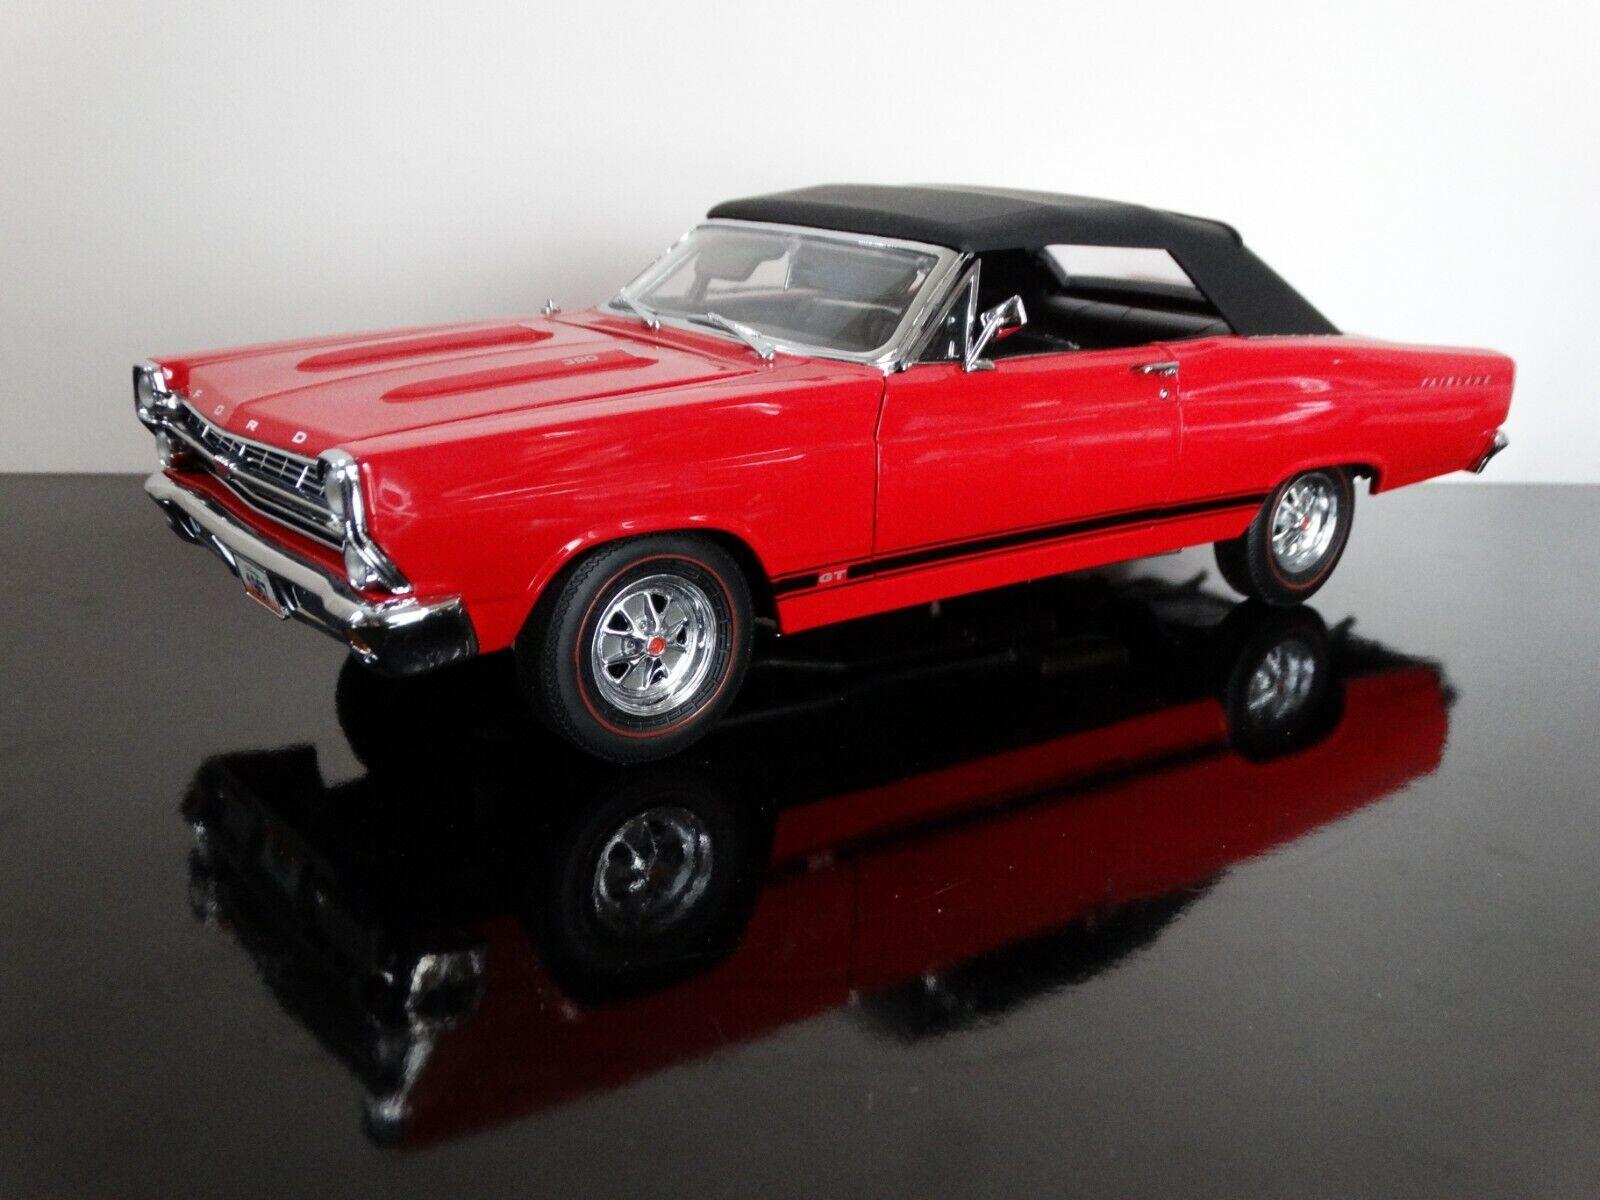 GMP 1967 Ford Fairlane Gt Converdeible 1 18 escala Diecast Modelo Coche rosso